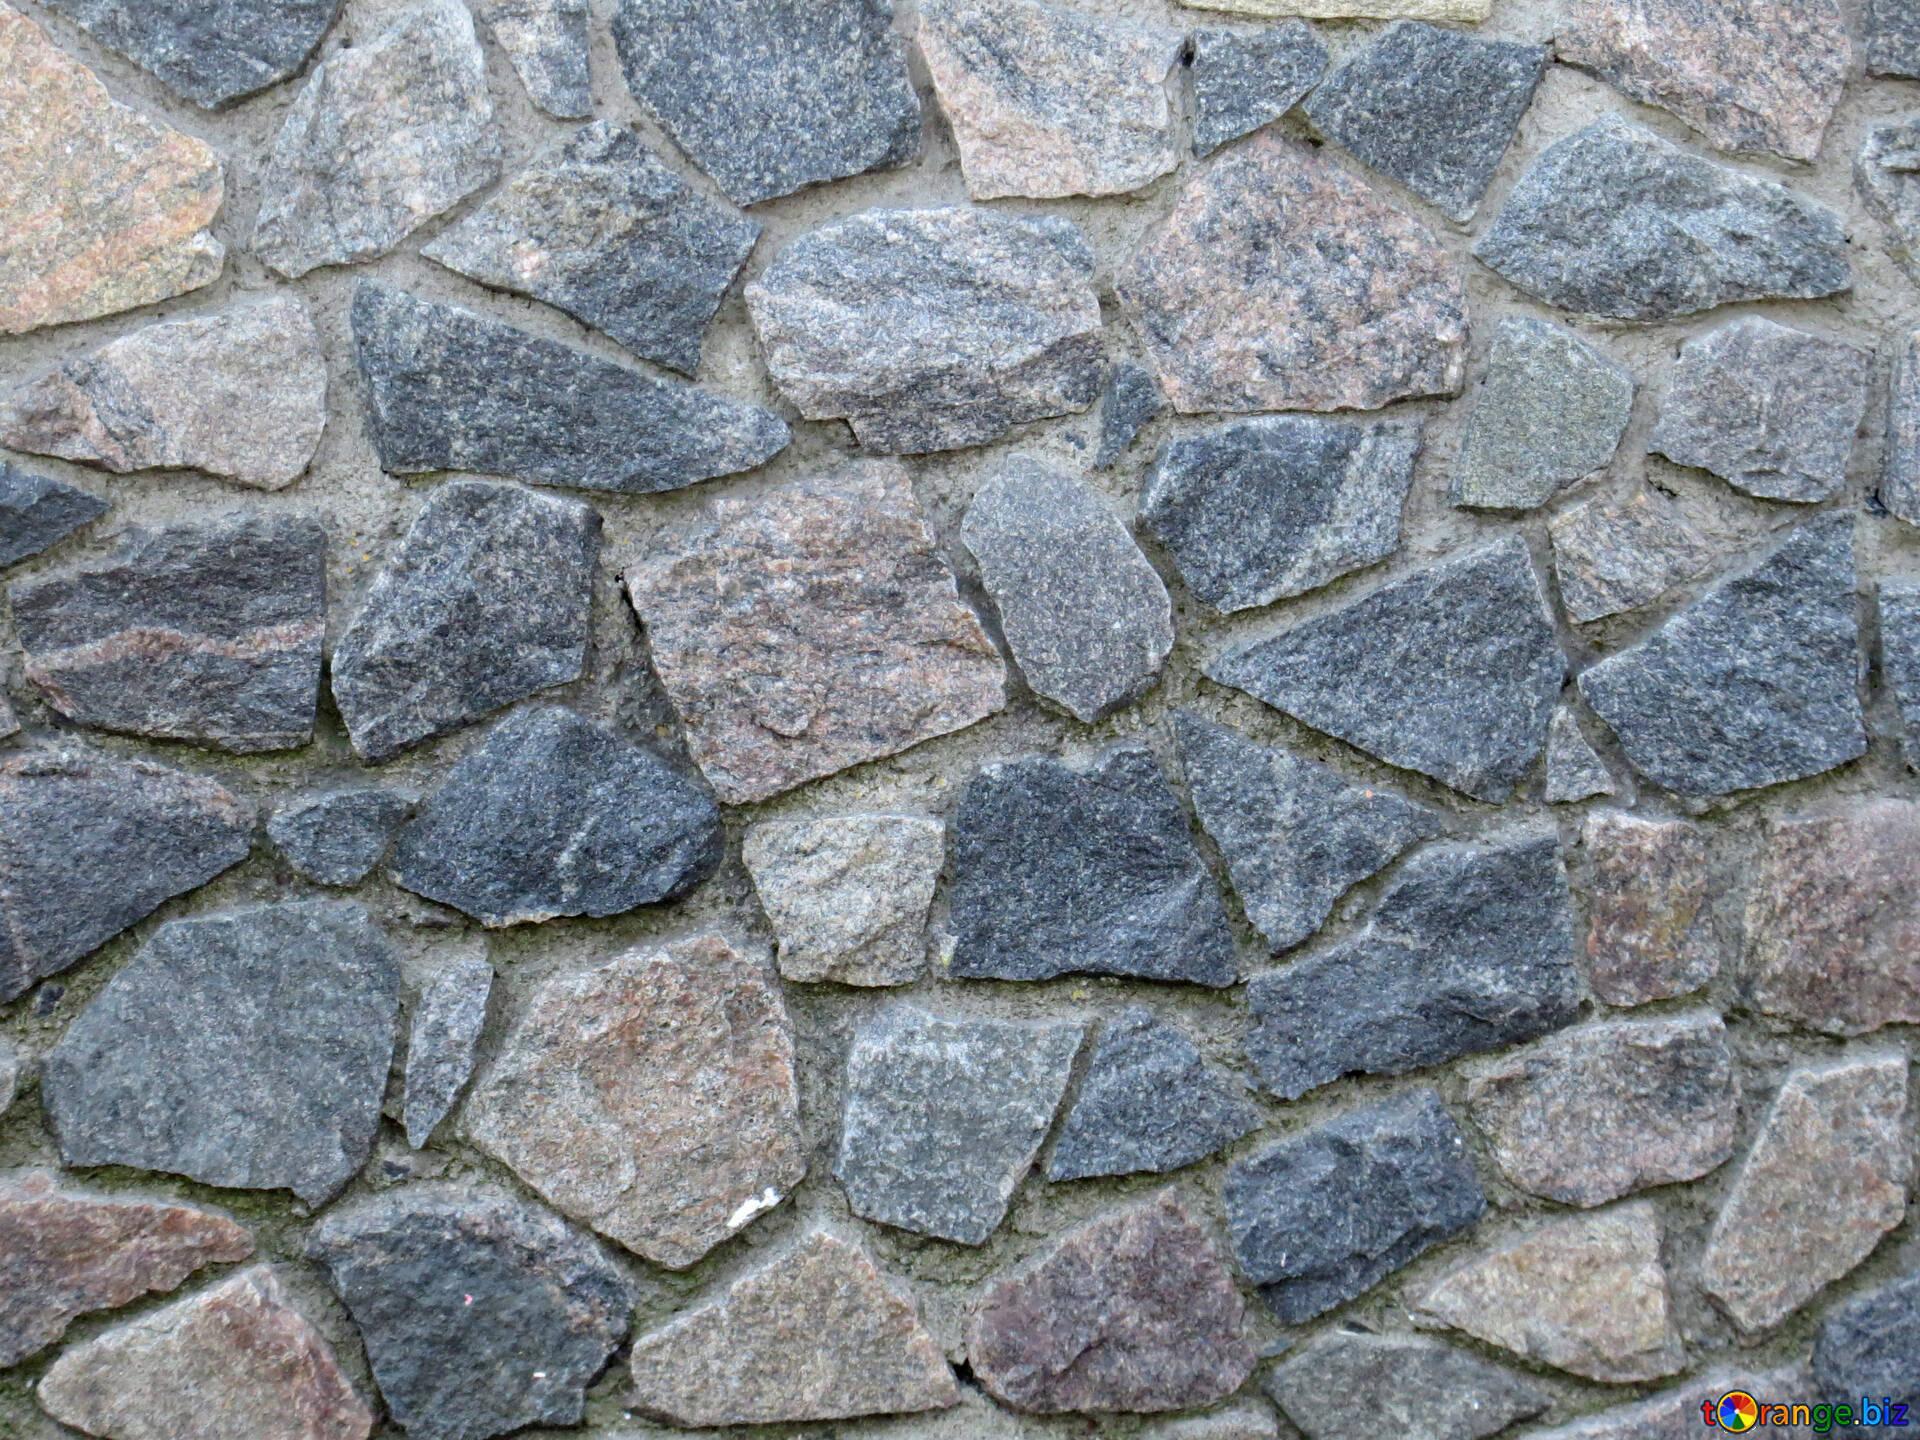 Muro Fatto In Pietra textures muratura texture muro di pietra fatto di rocce